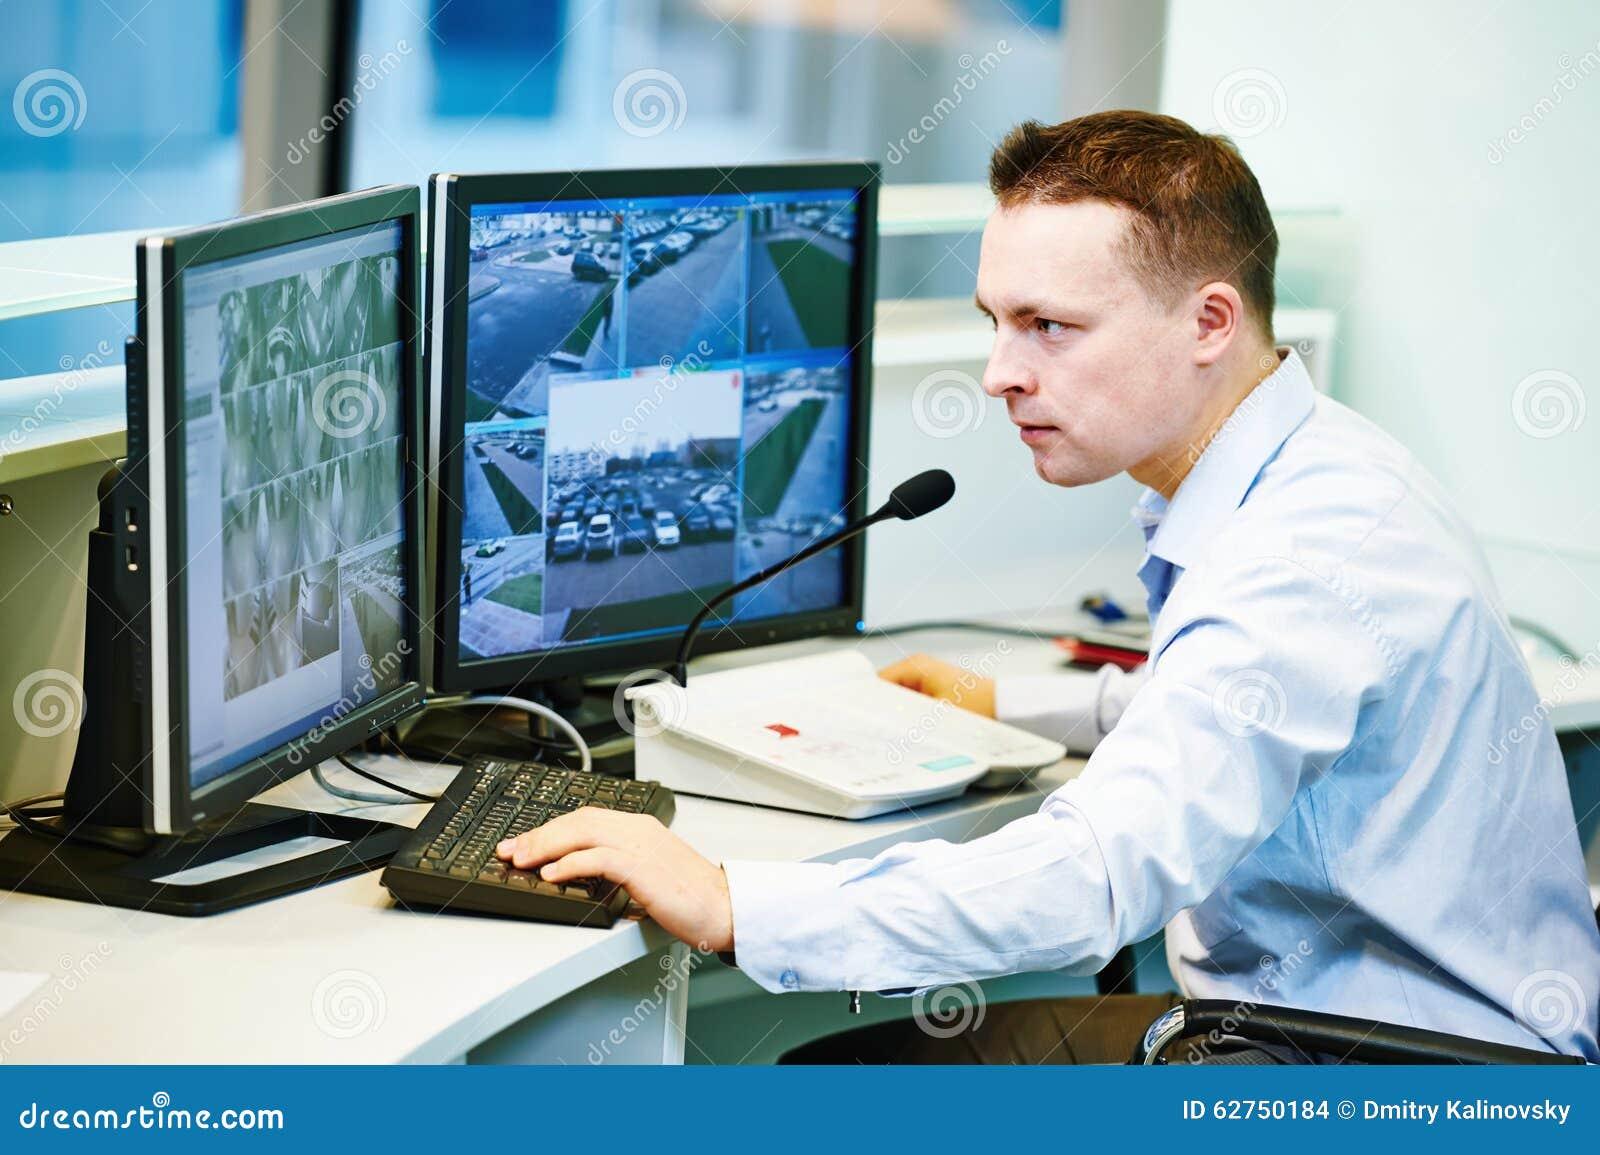 录影监视监视保安系统